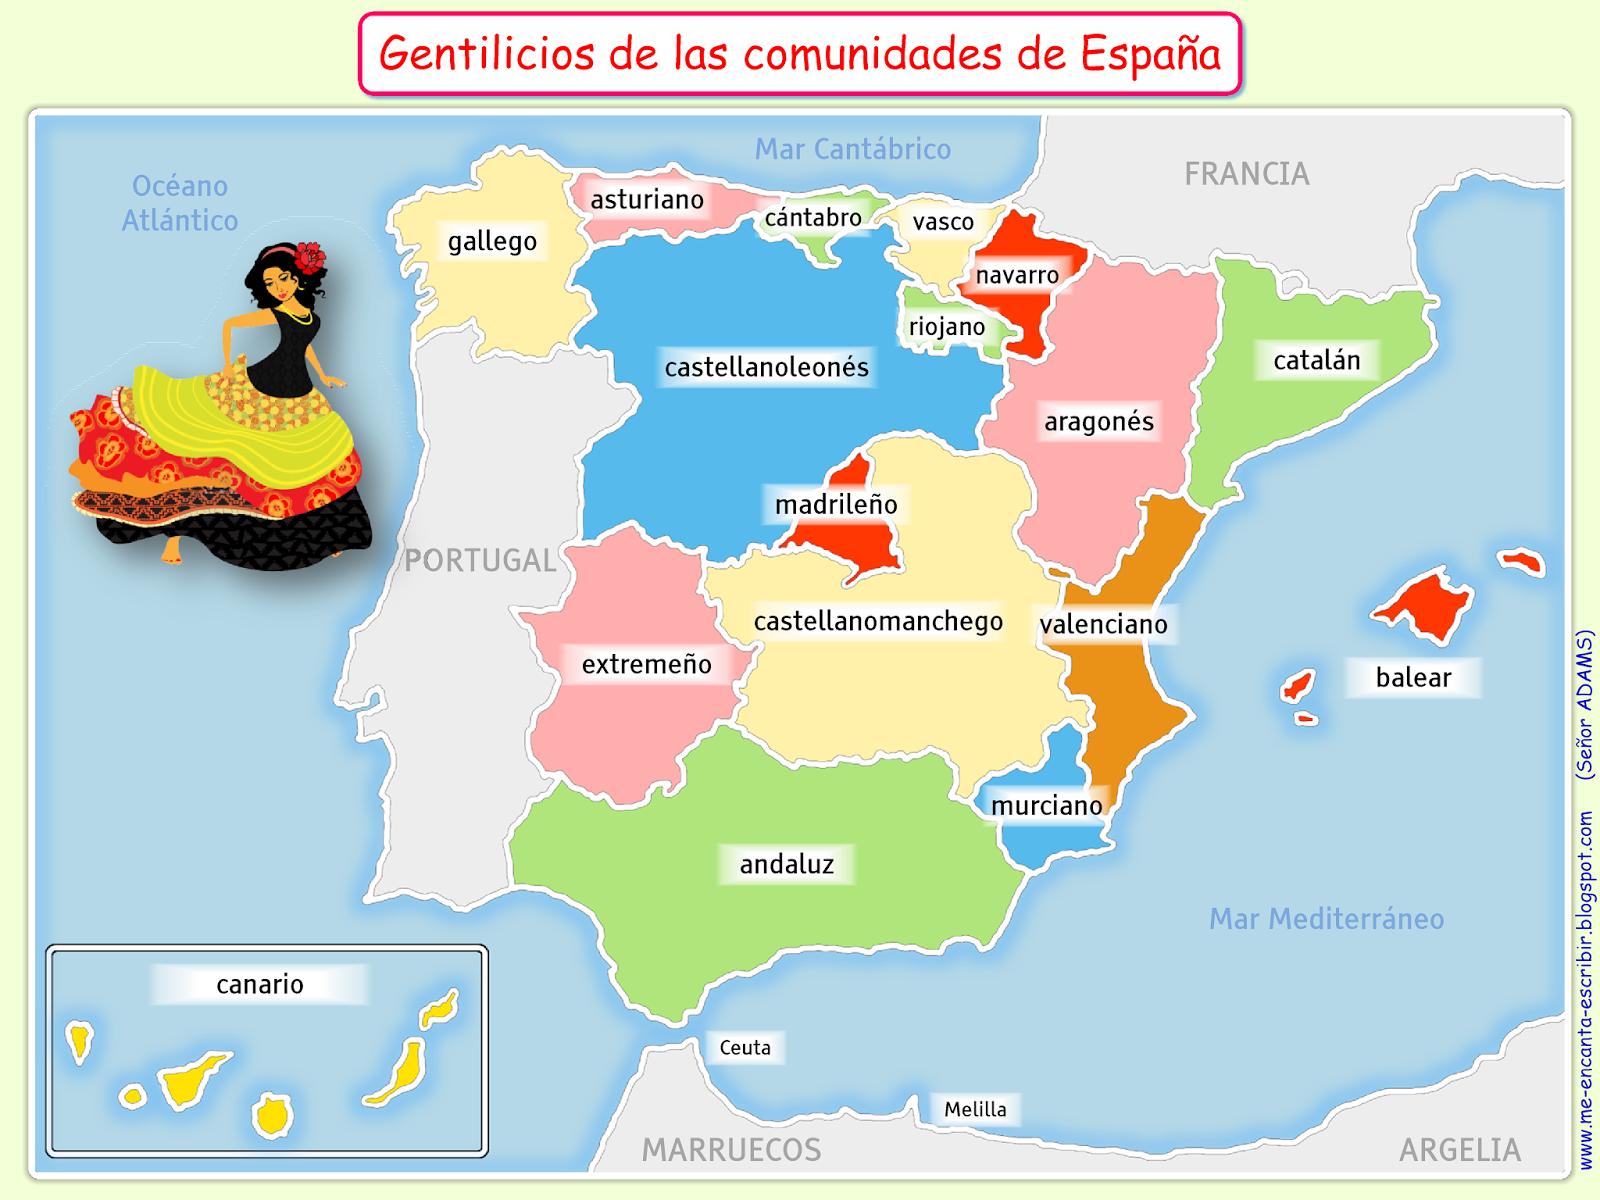 8 Ideas De Gentilicios Gentilicios Lengua Española Aprender Español